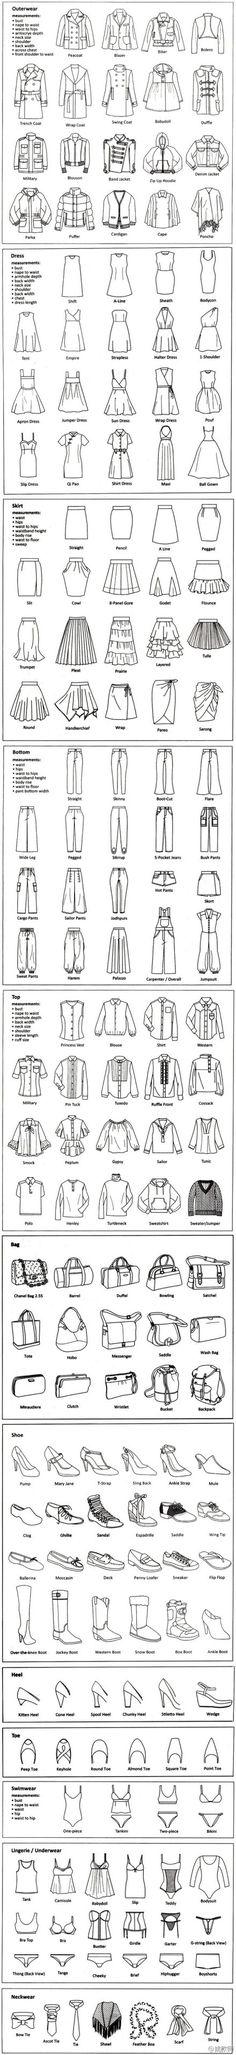 服装款式英...来自uchiha歆蓝的图片分享-堆糖